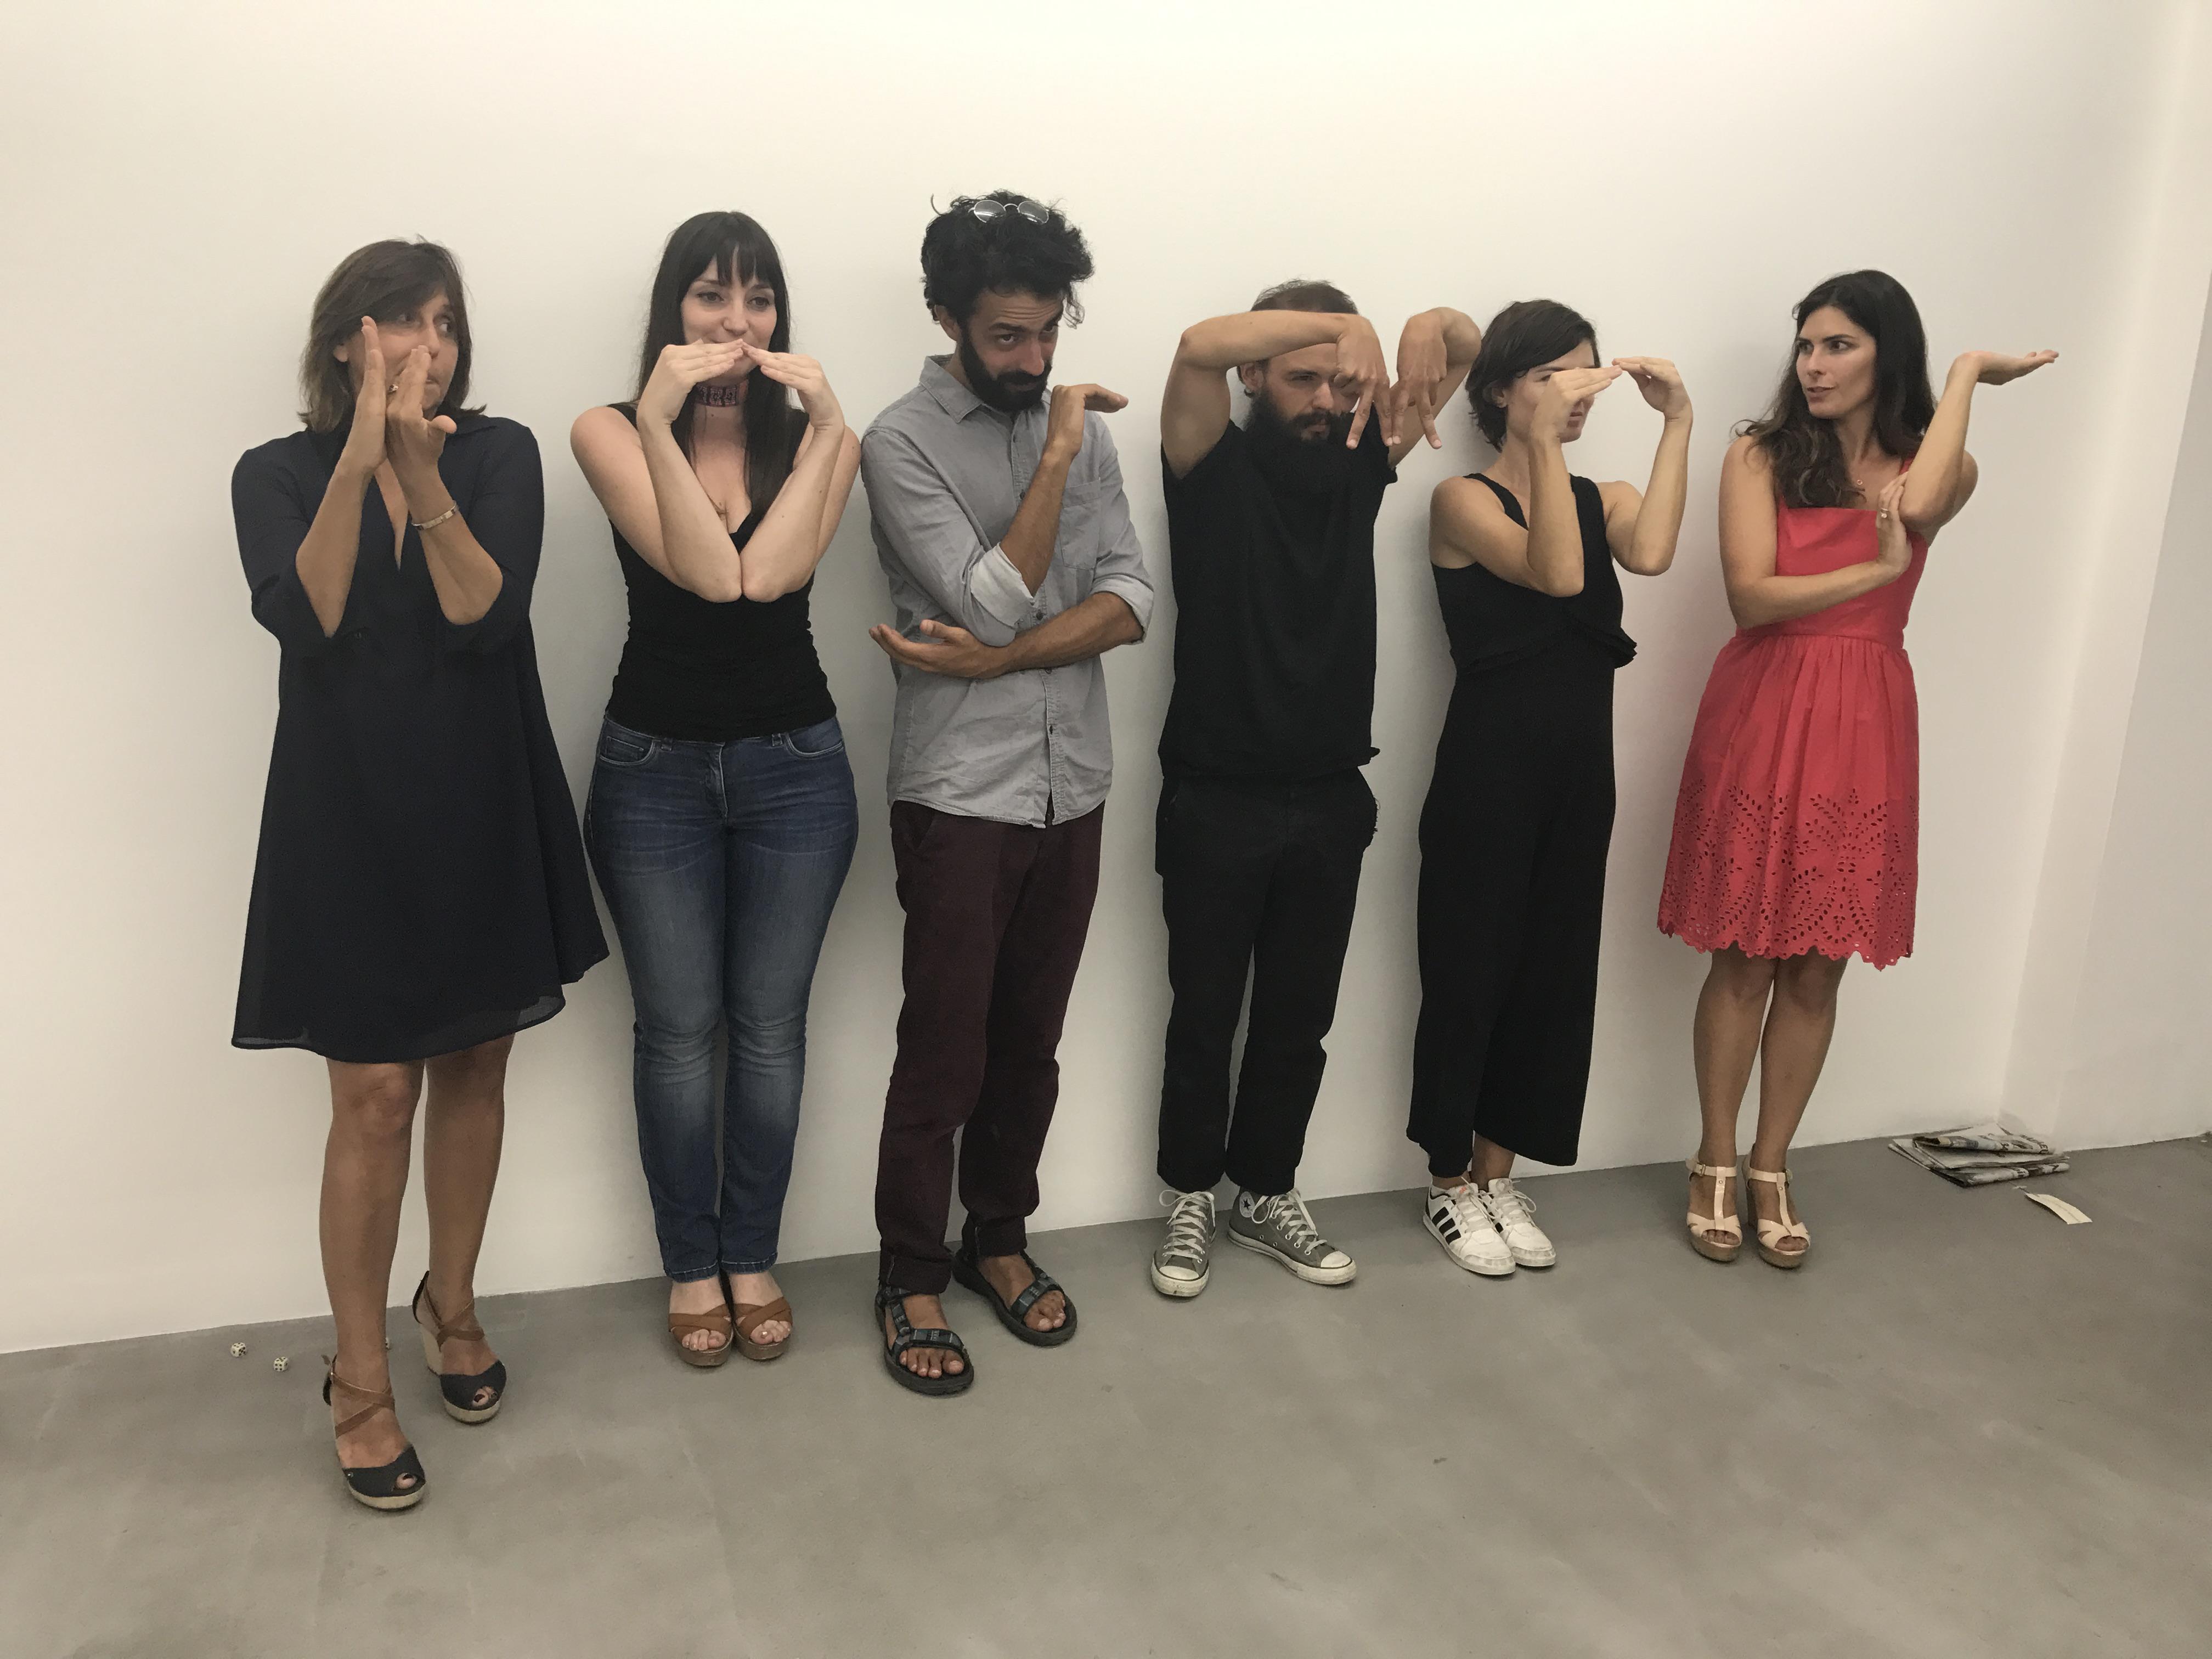 Dominique Gagneux, Sylvia Nicolaides, Marios Constantinides, Florian Cochet, Melissa Garcia Carro, Maria Sathi